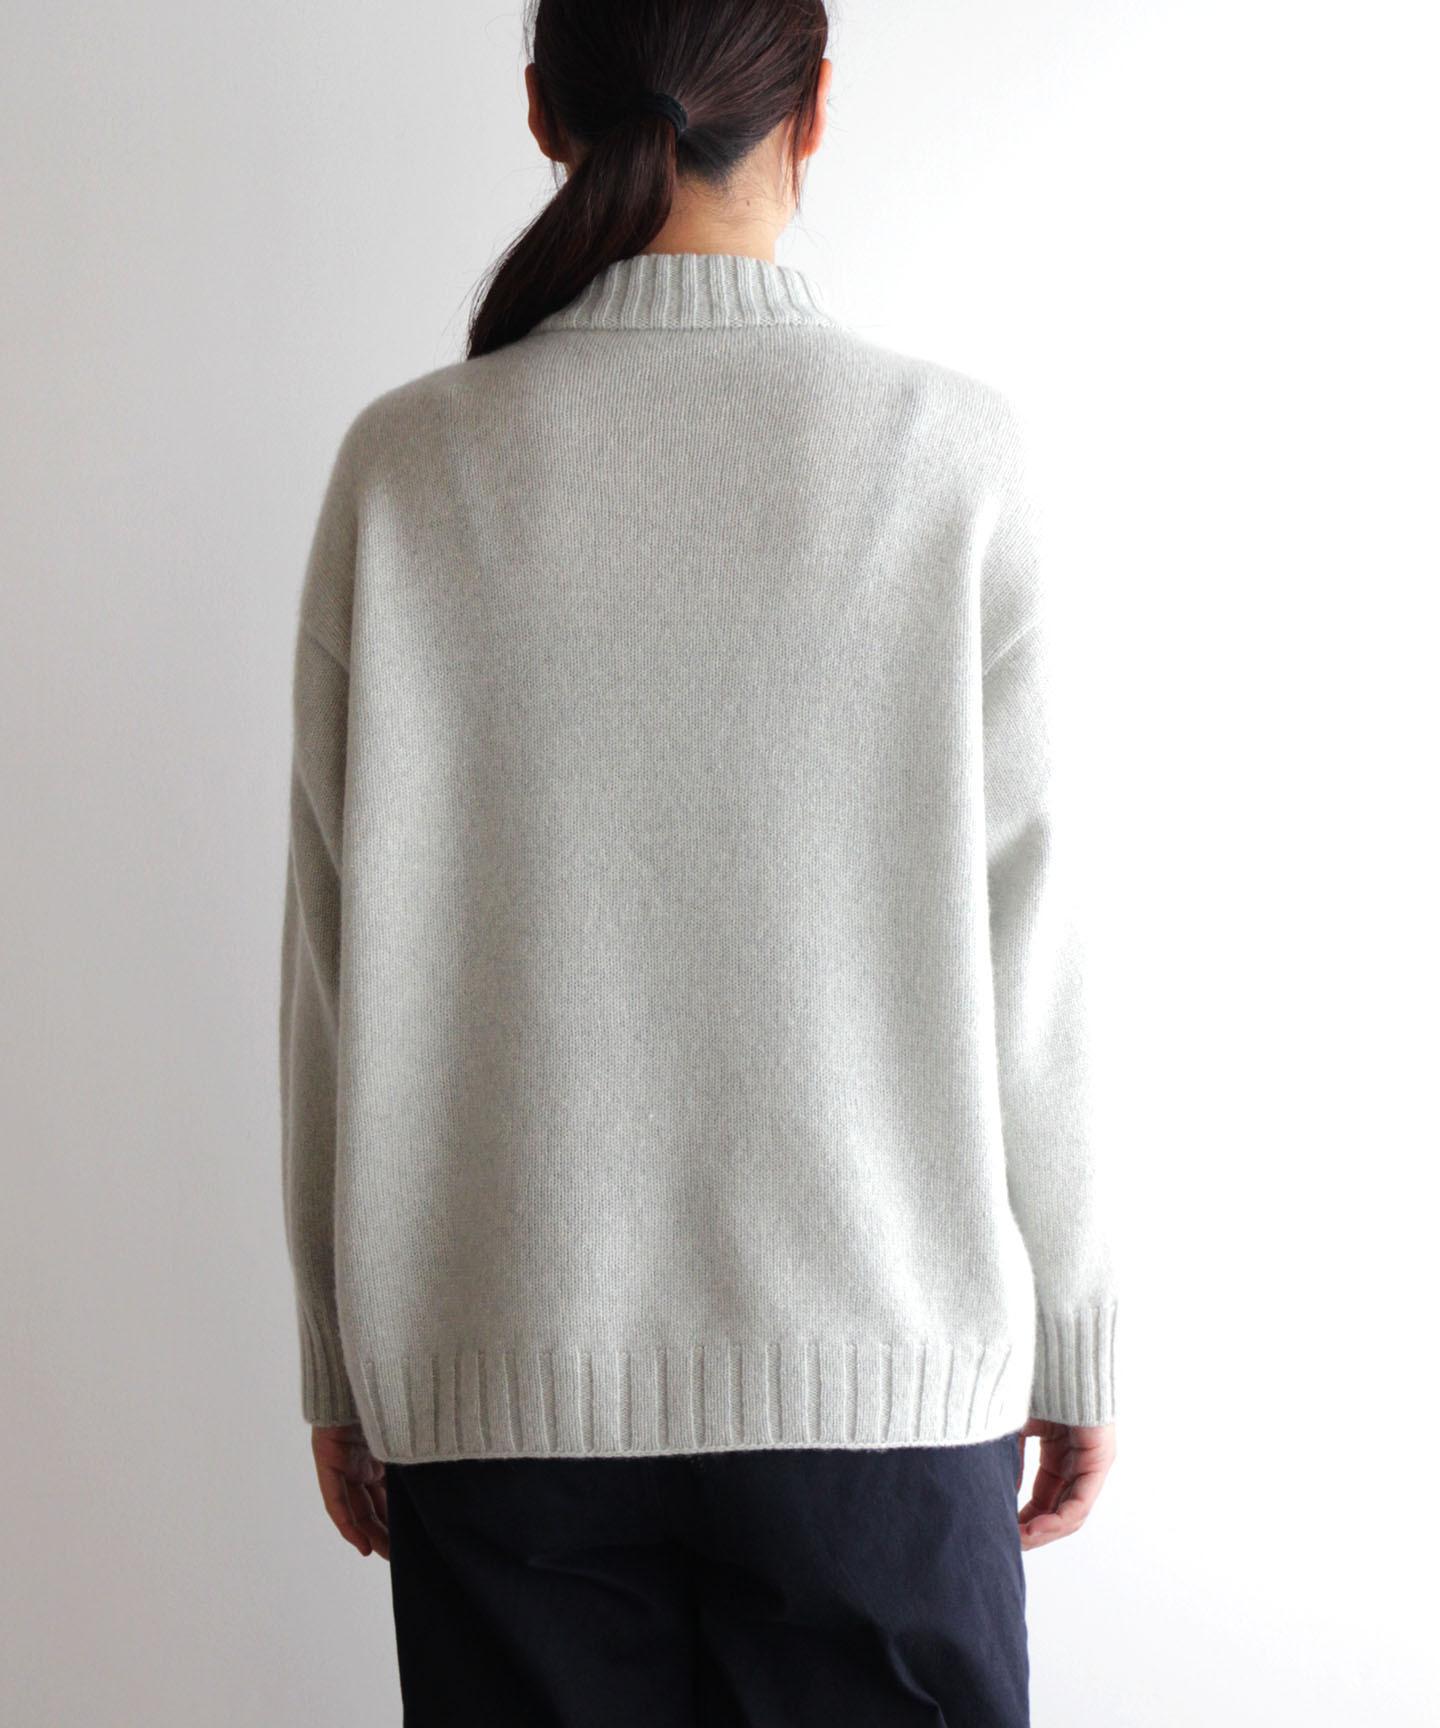 【予約販売】手編み機で編んだカシミヤ糸(NO.18)のセーターsize 02.03 (CAA-922)